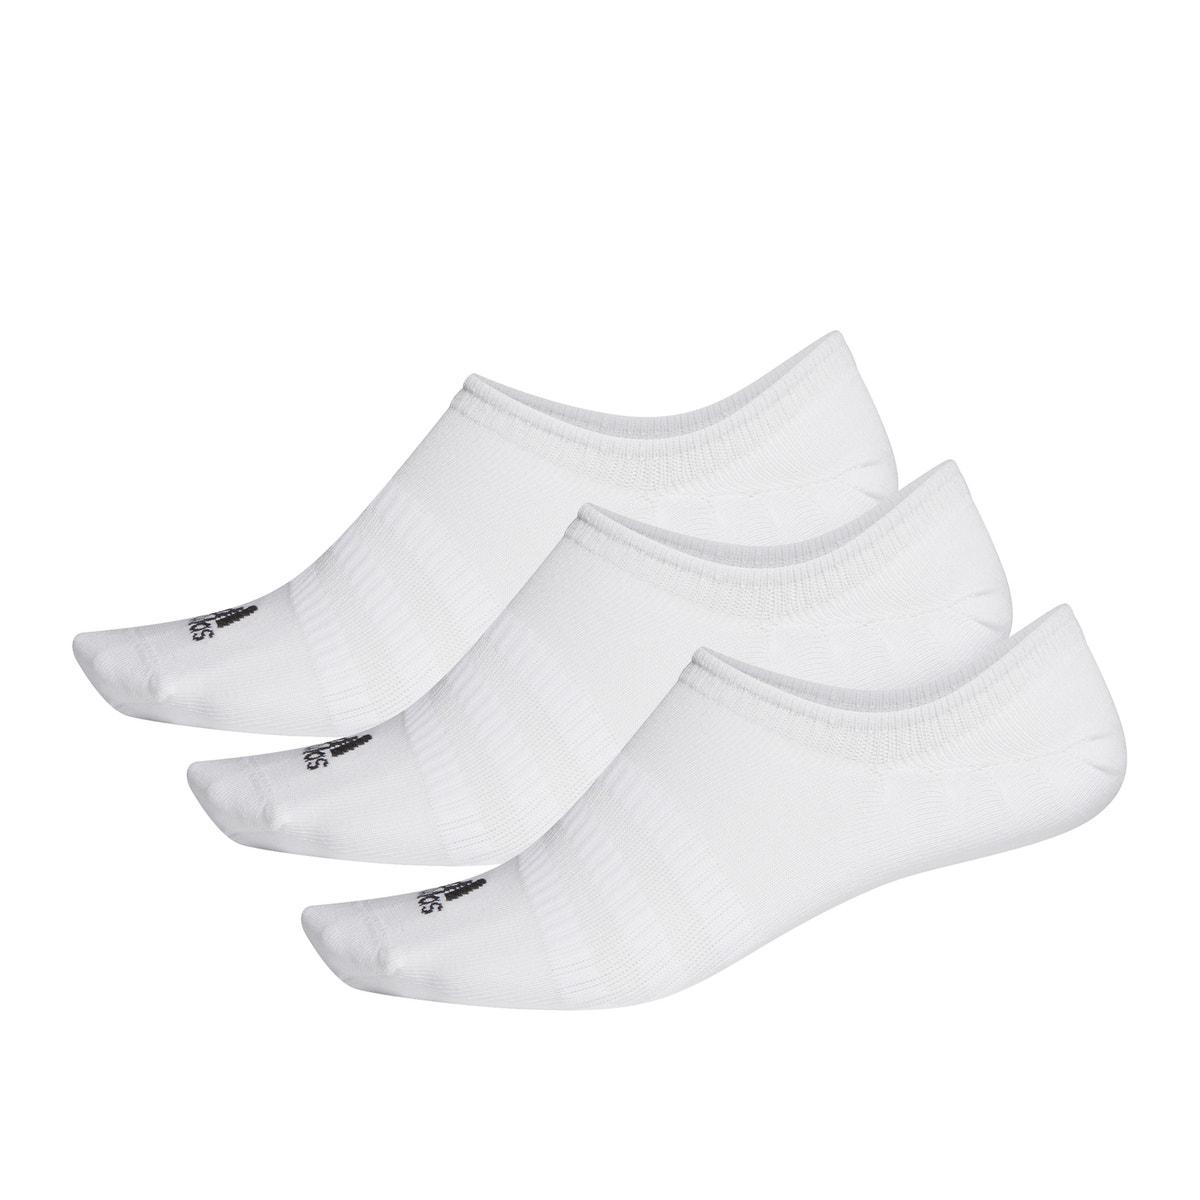 3 ζευγάρια κάλτσες σοσόνια